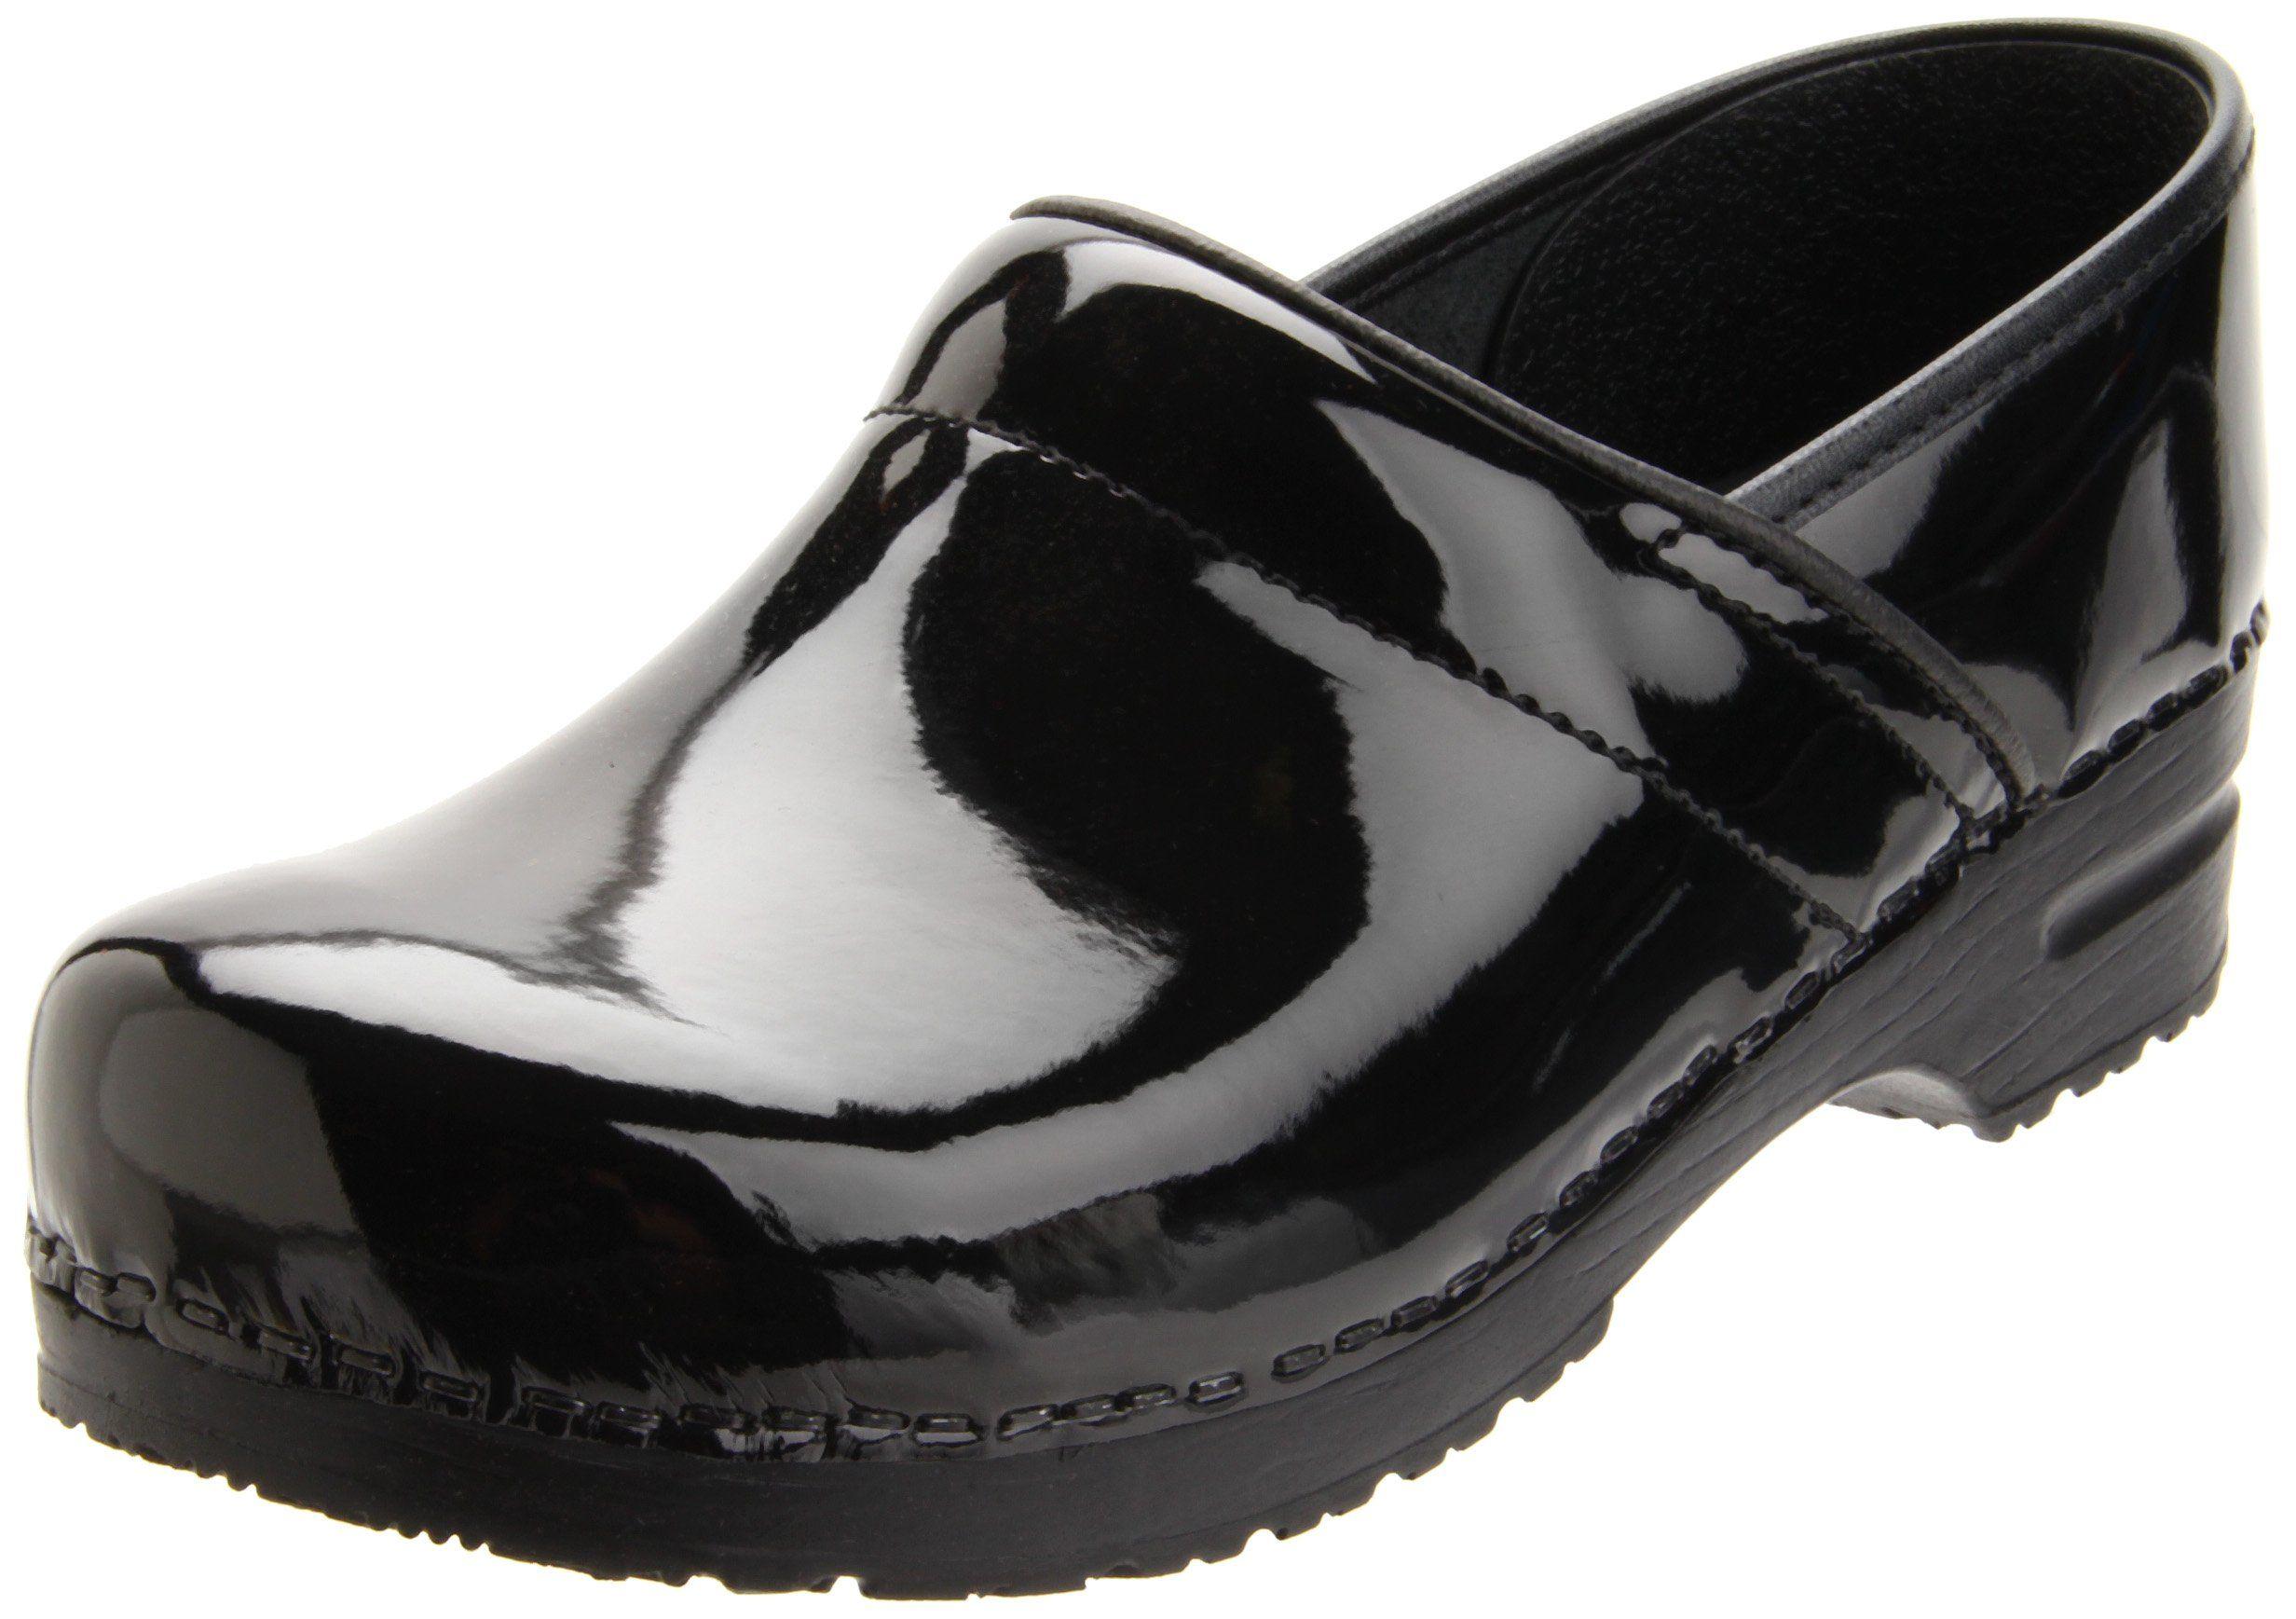 Amazon.com: Sanita Men's Professional Clog: Shoes